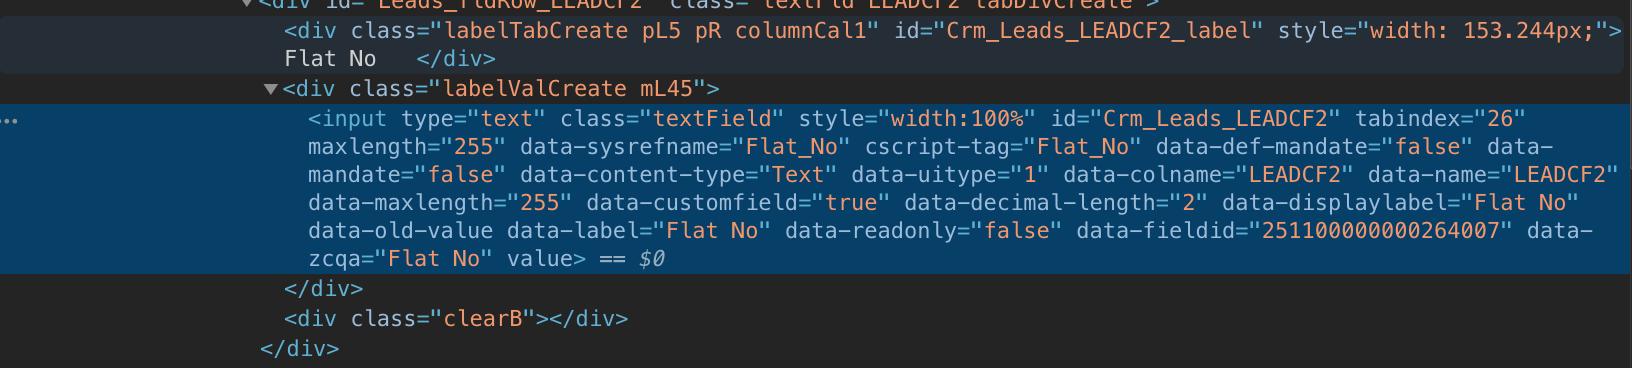 Identify the id attribute on the <input> field-screenshot